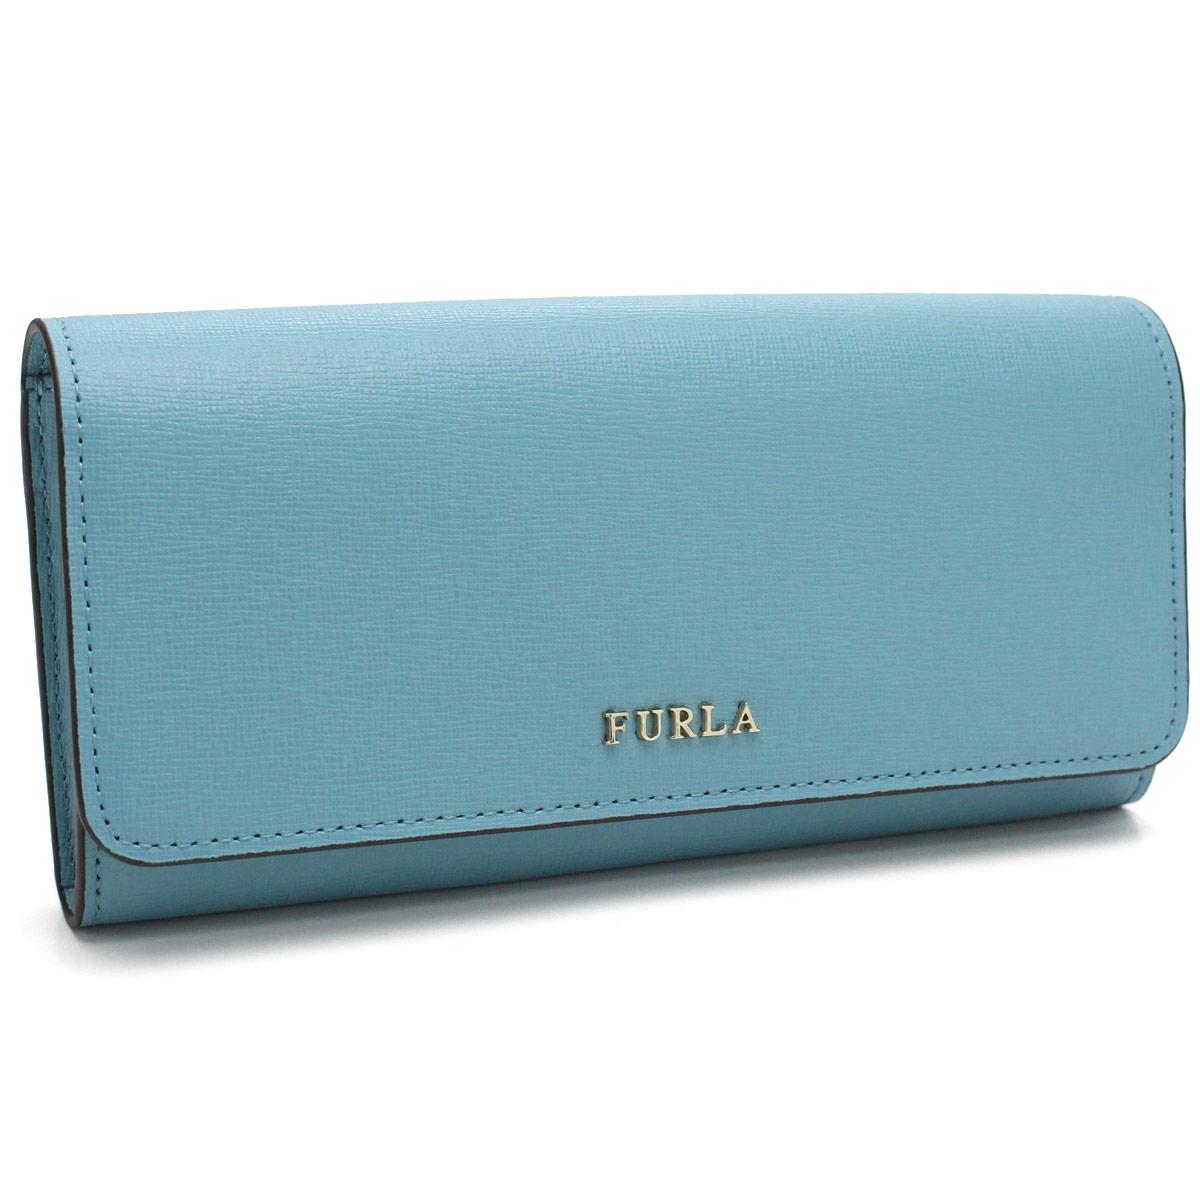 フルラ(FURLA) 財布